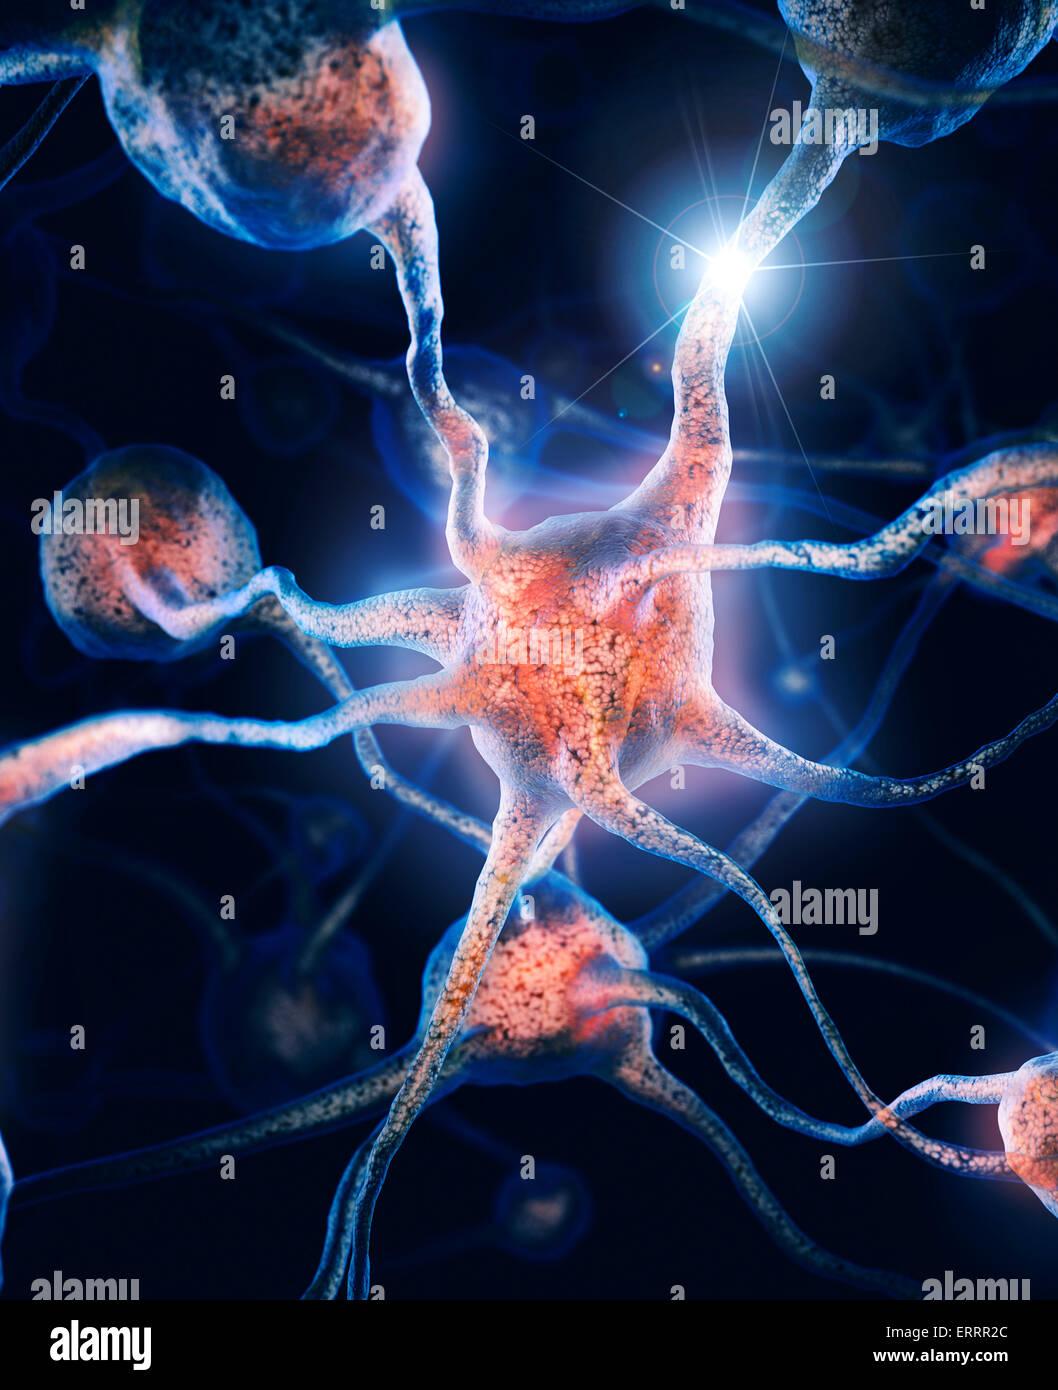 Red de neuronas y conexiones neuronales, células cerebrales, ilustración científica Imagen De Stock